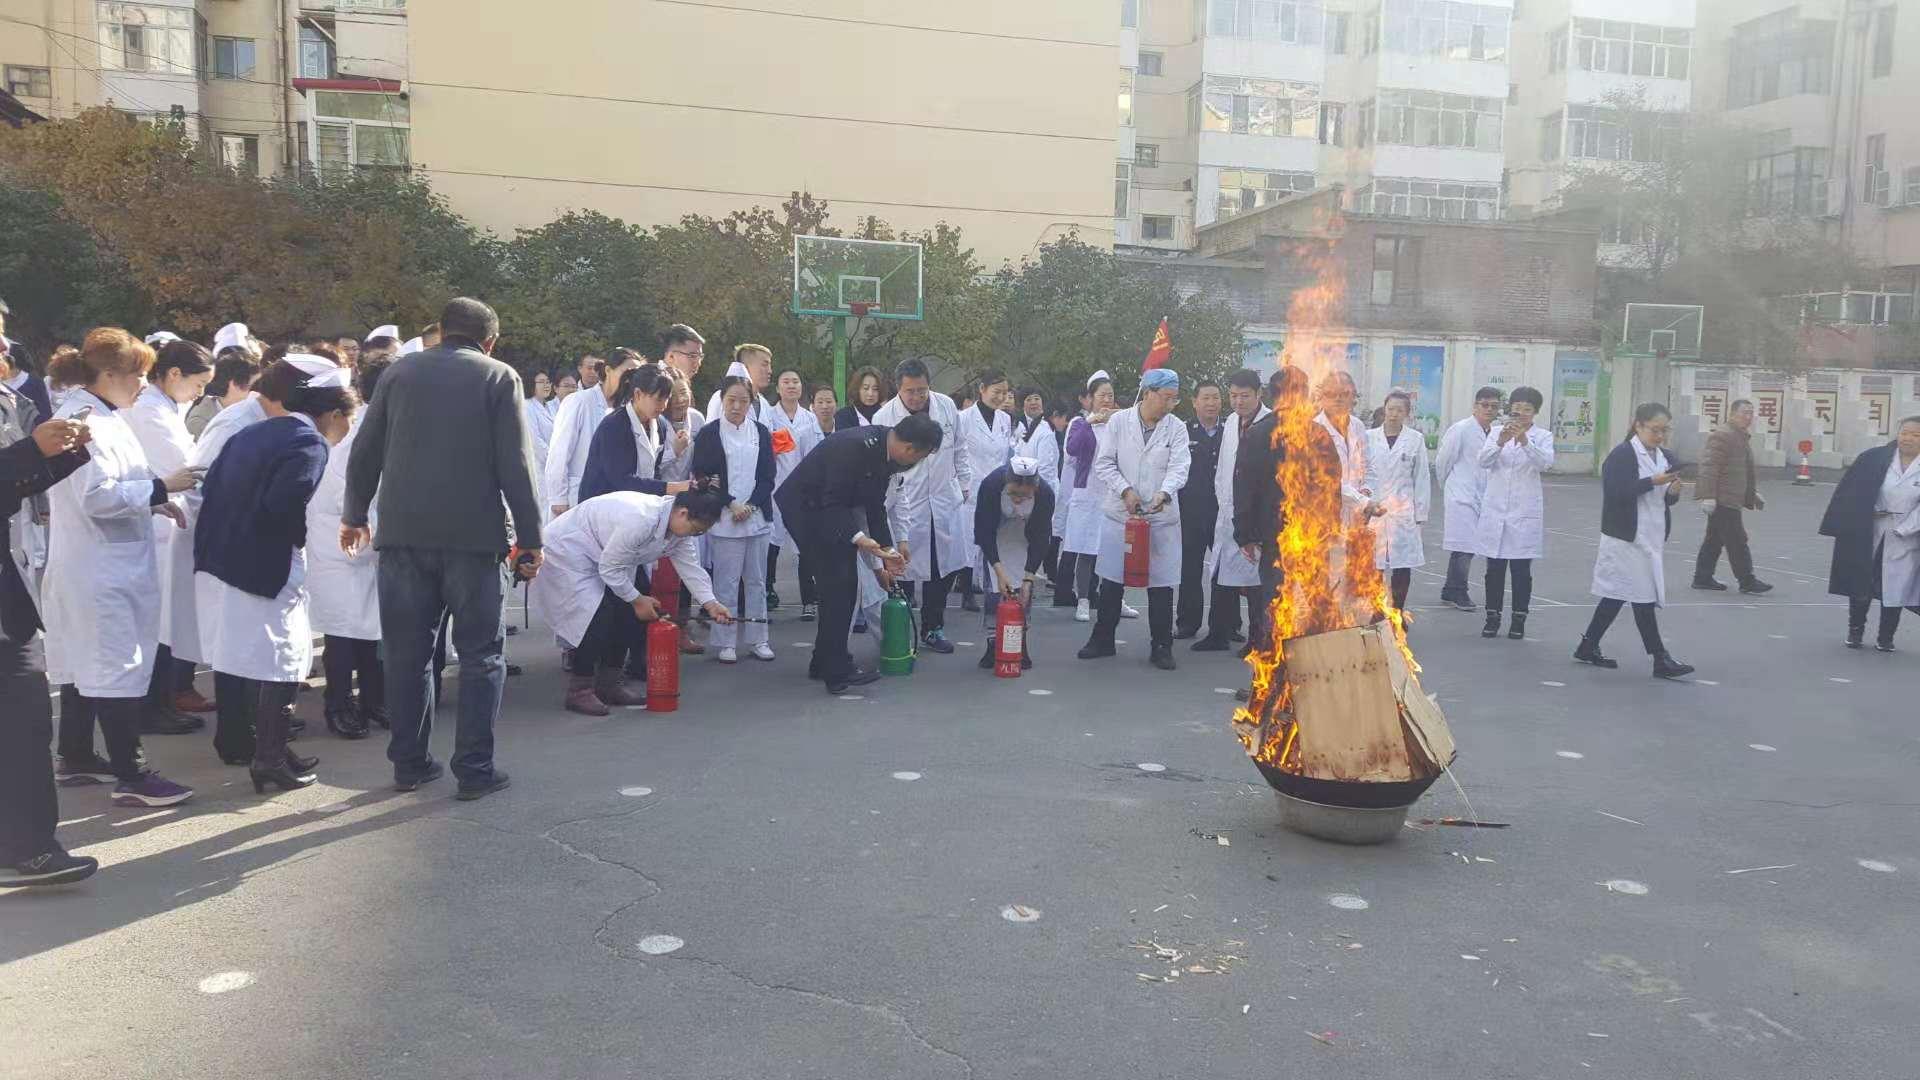 哈尔滨南岗区人民医院开展消防知识讲座及应急演练活动